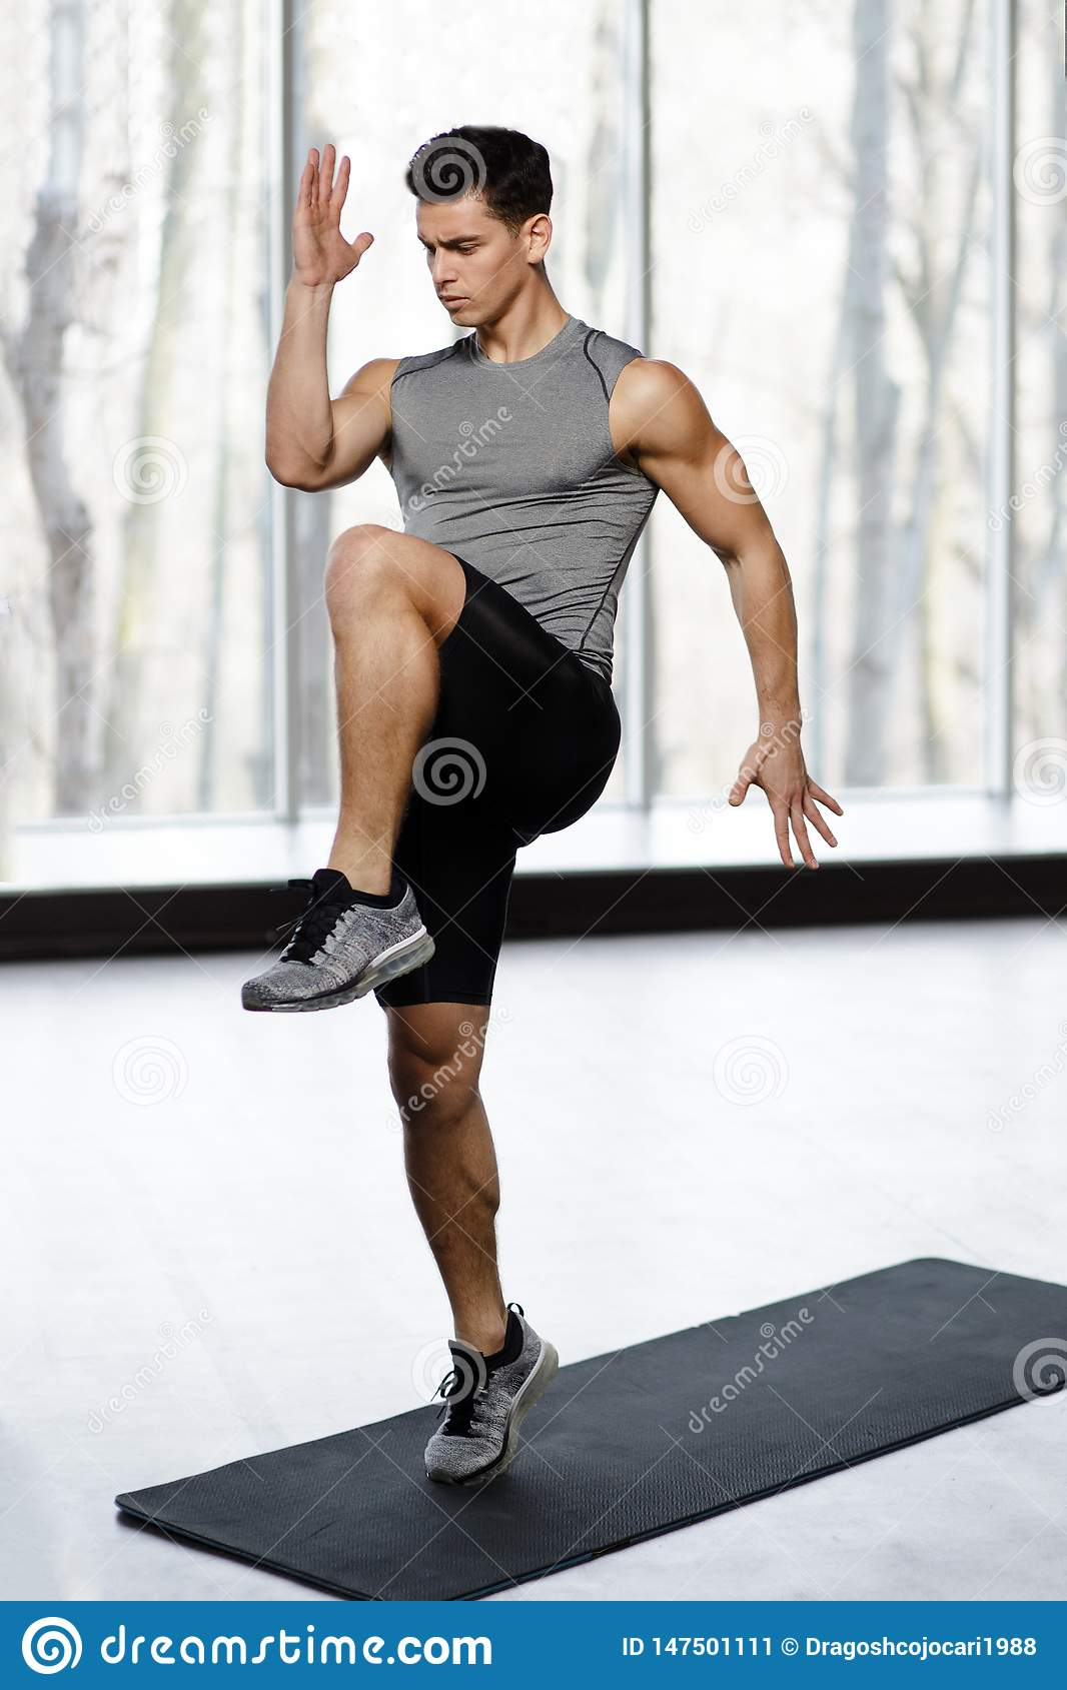 Passform idrotts- manlig modell i sportswearen som gör styrkaövning med knäet upp i idrottshallen som isoleras på en stor fönster